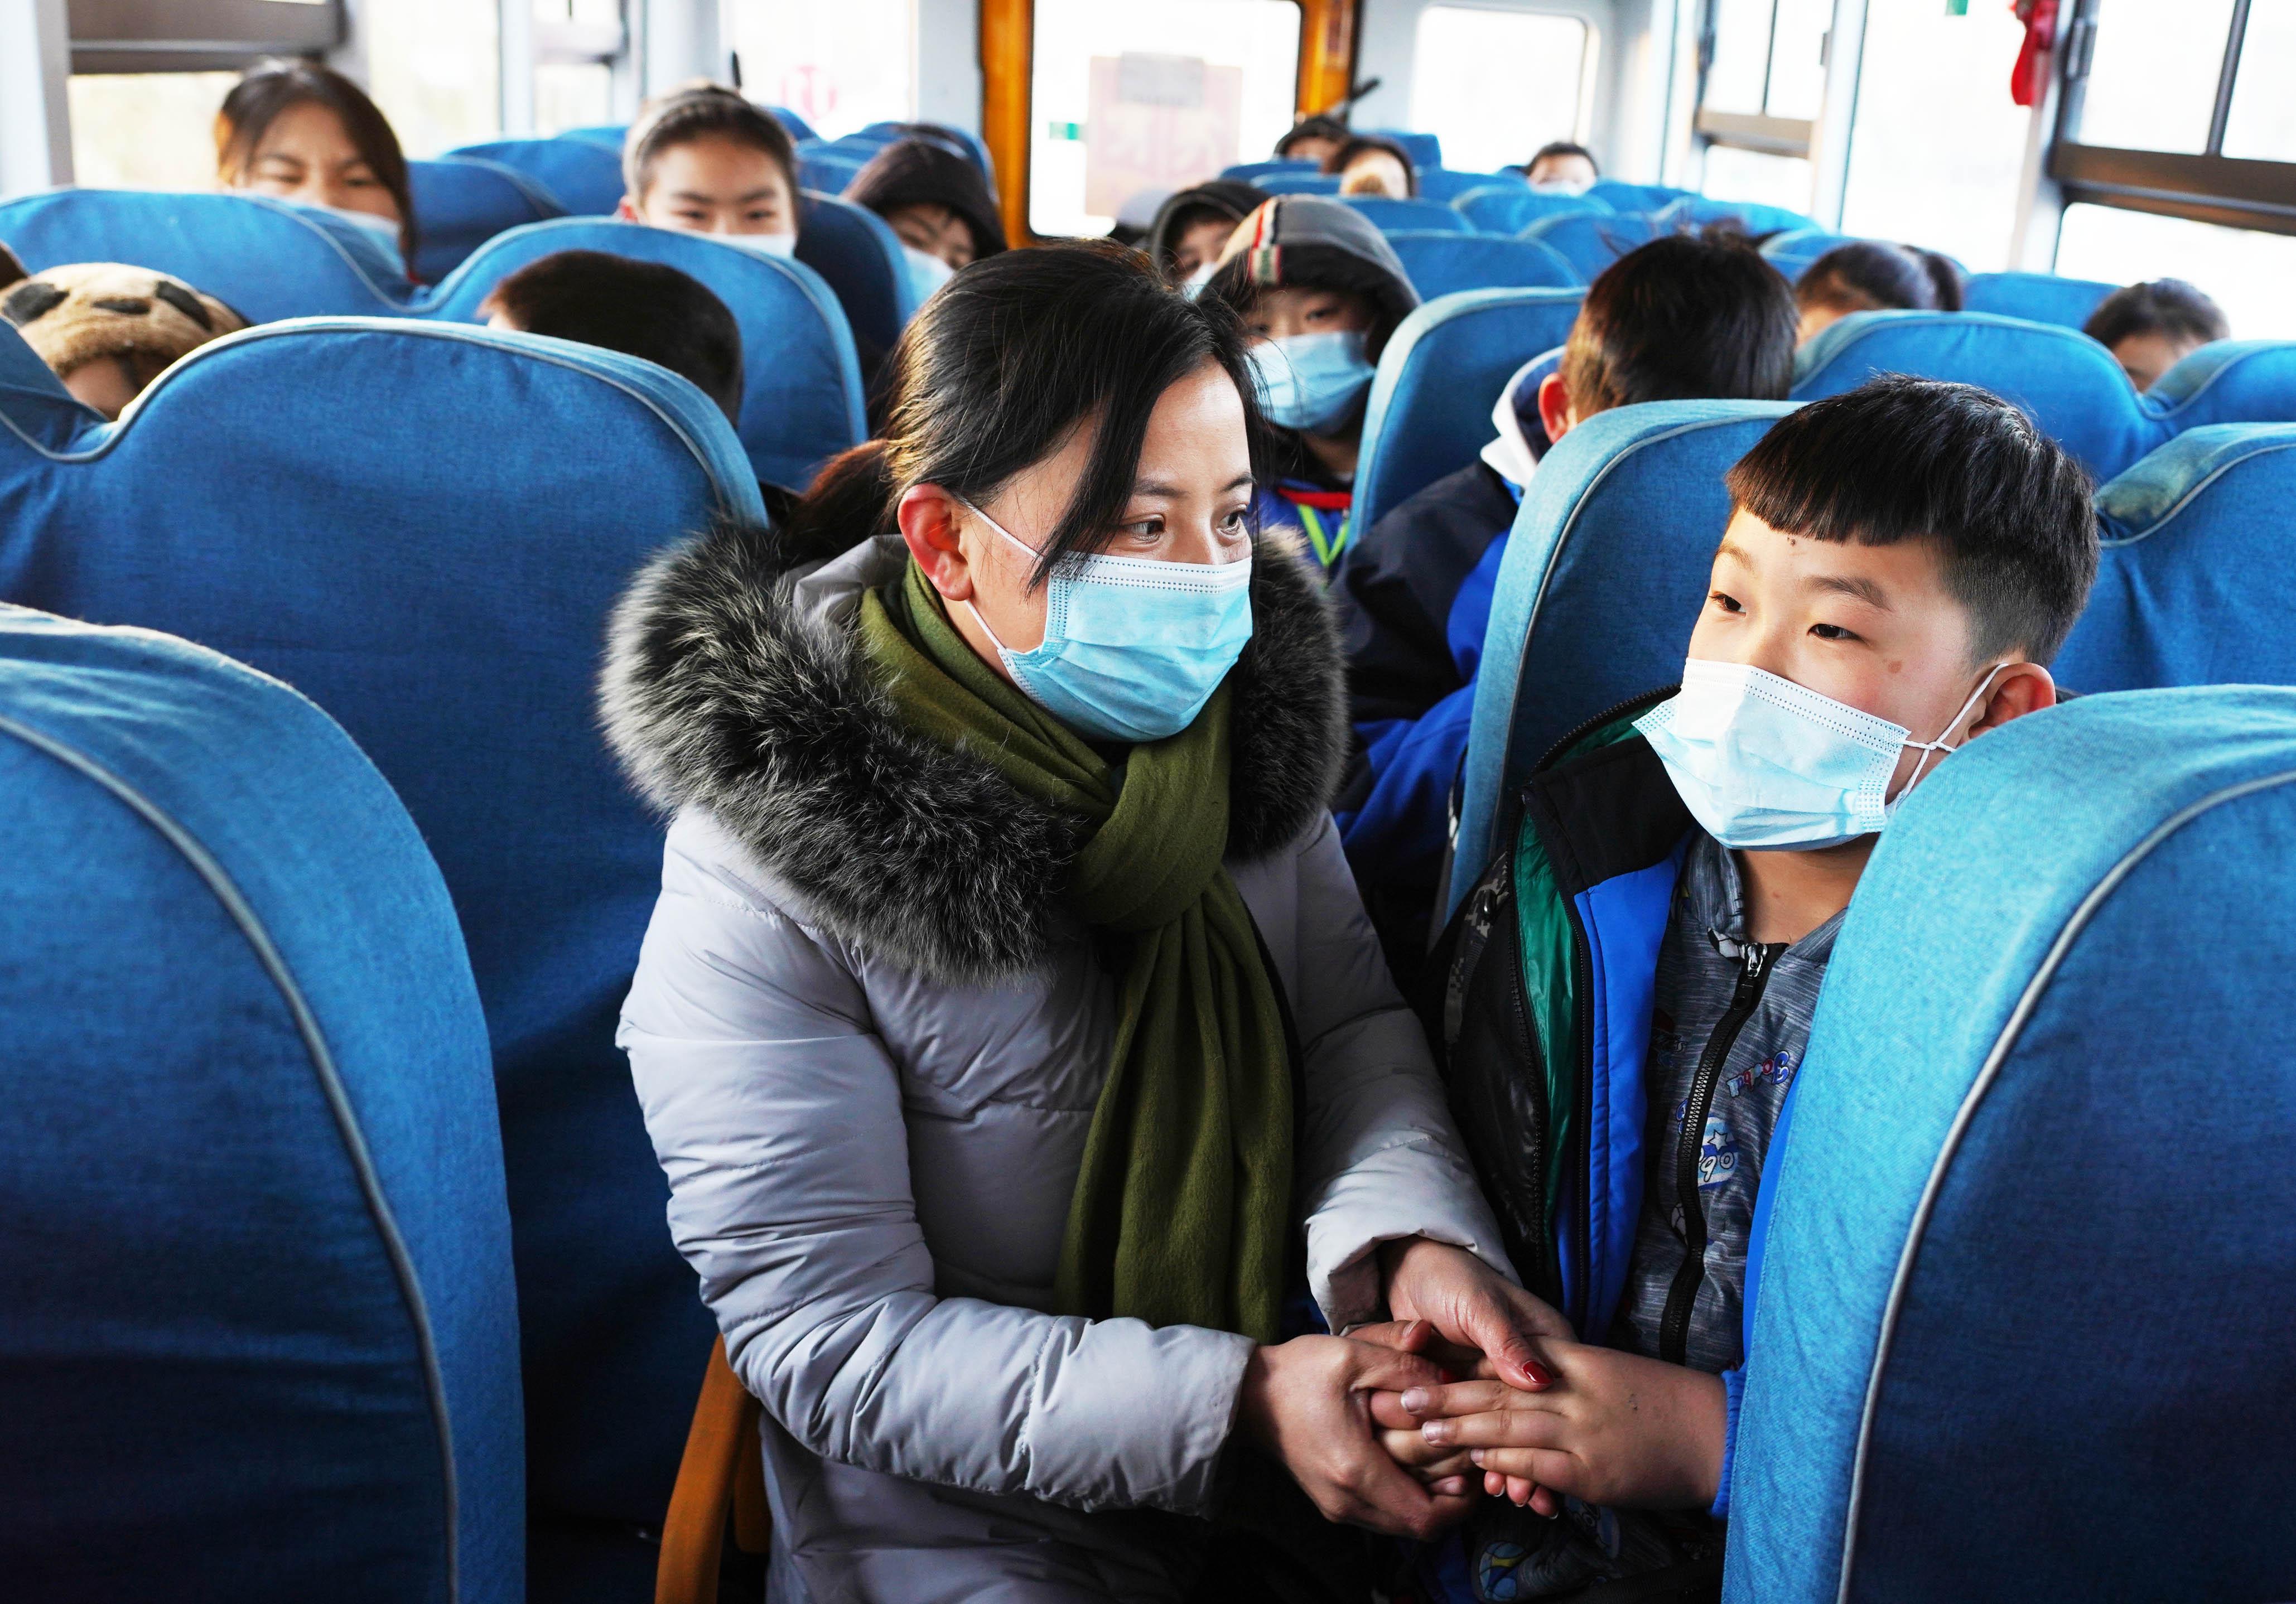 寒潮不怕,邹平市增加30余辆校车温暖孩子上学路